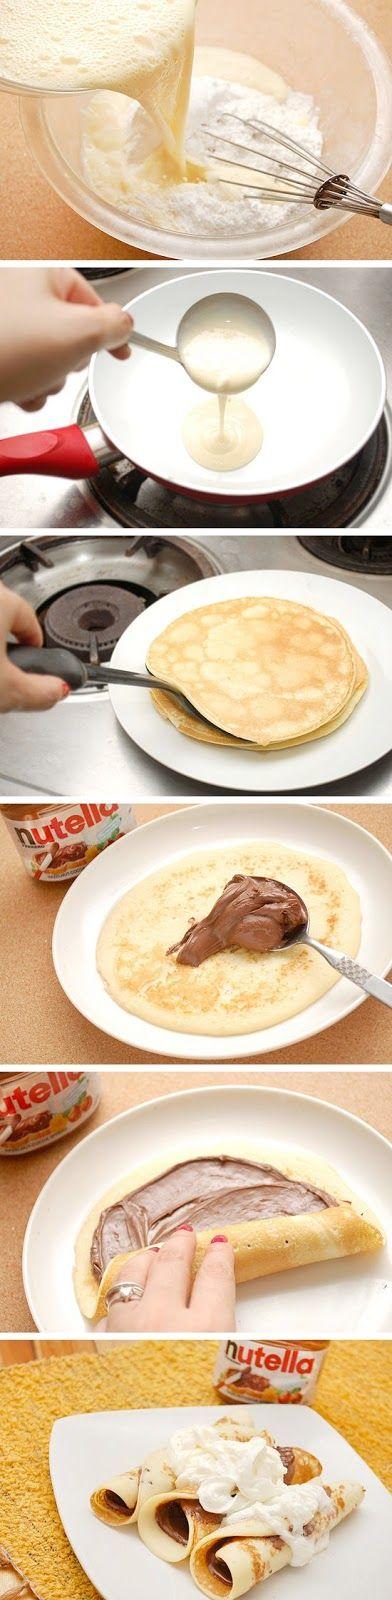 Nutella Crepes Supreme